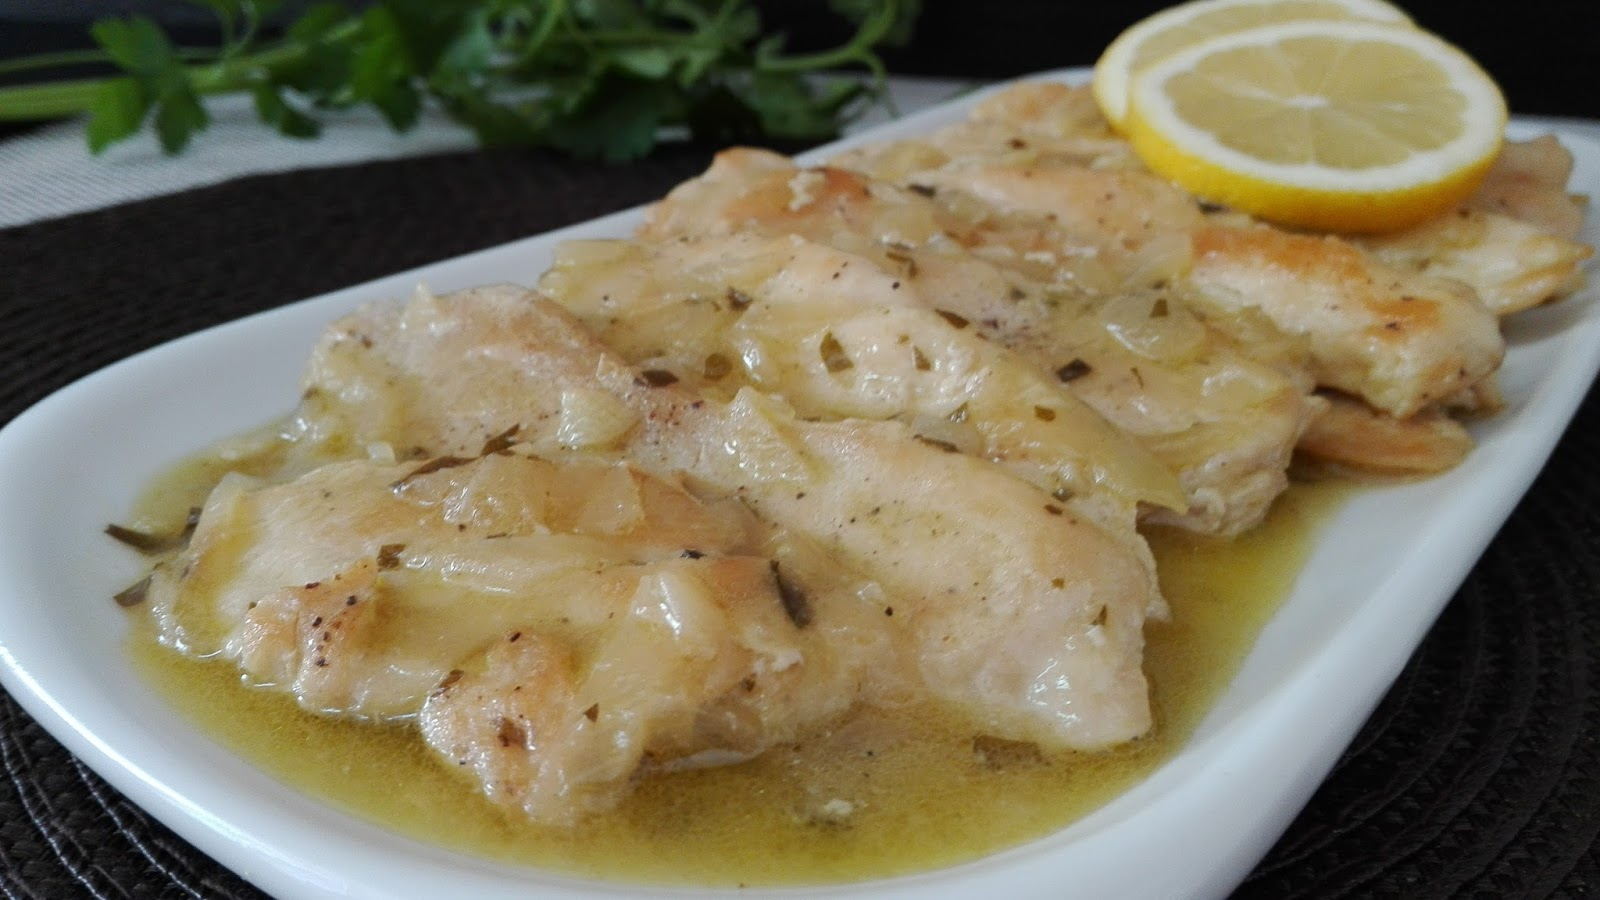 Pechugas de pollo al lim n acomerypunto - Salsa de pollo al limon ...